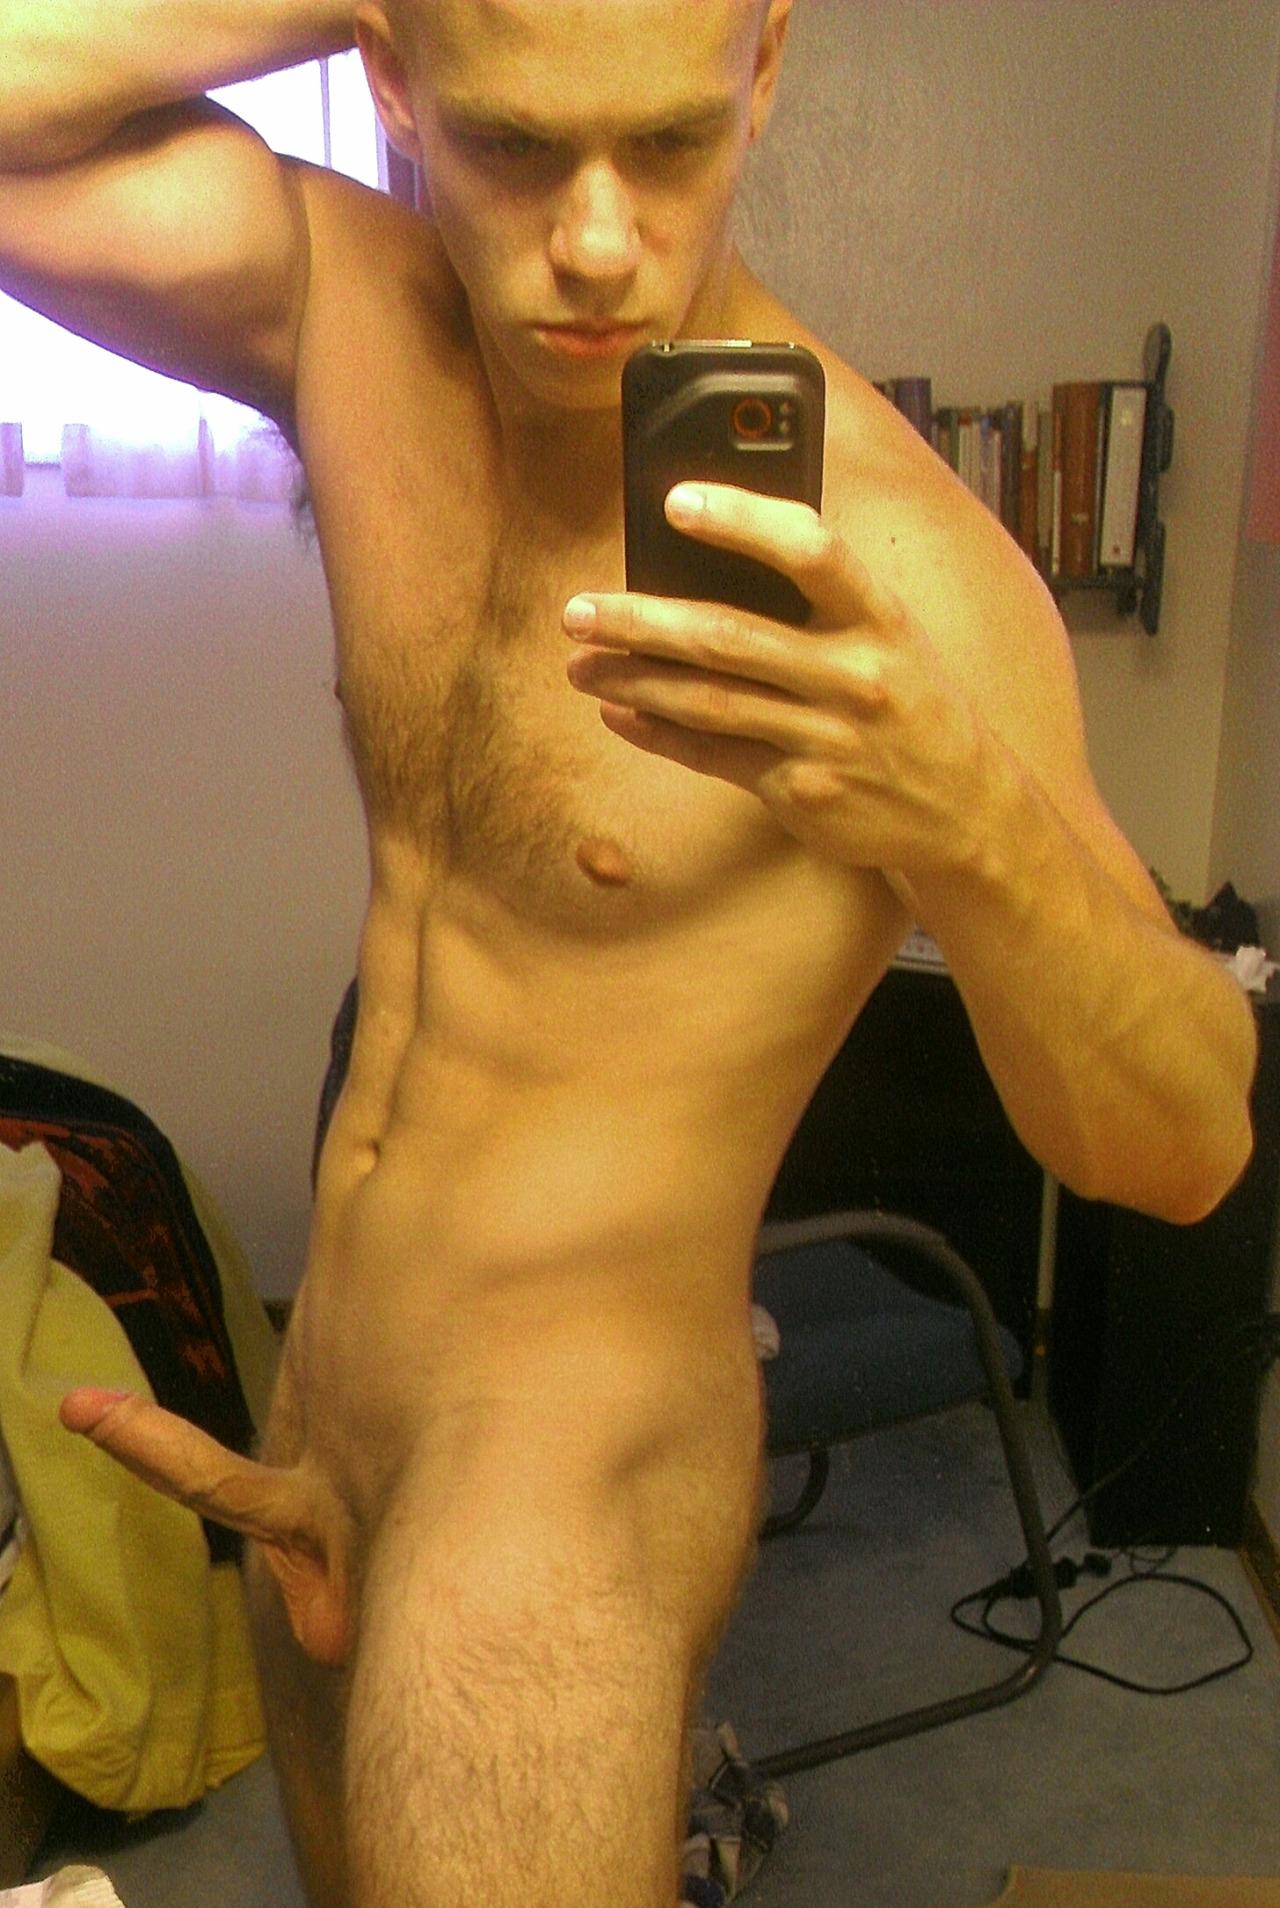 Iswarya rai full nude hot sex